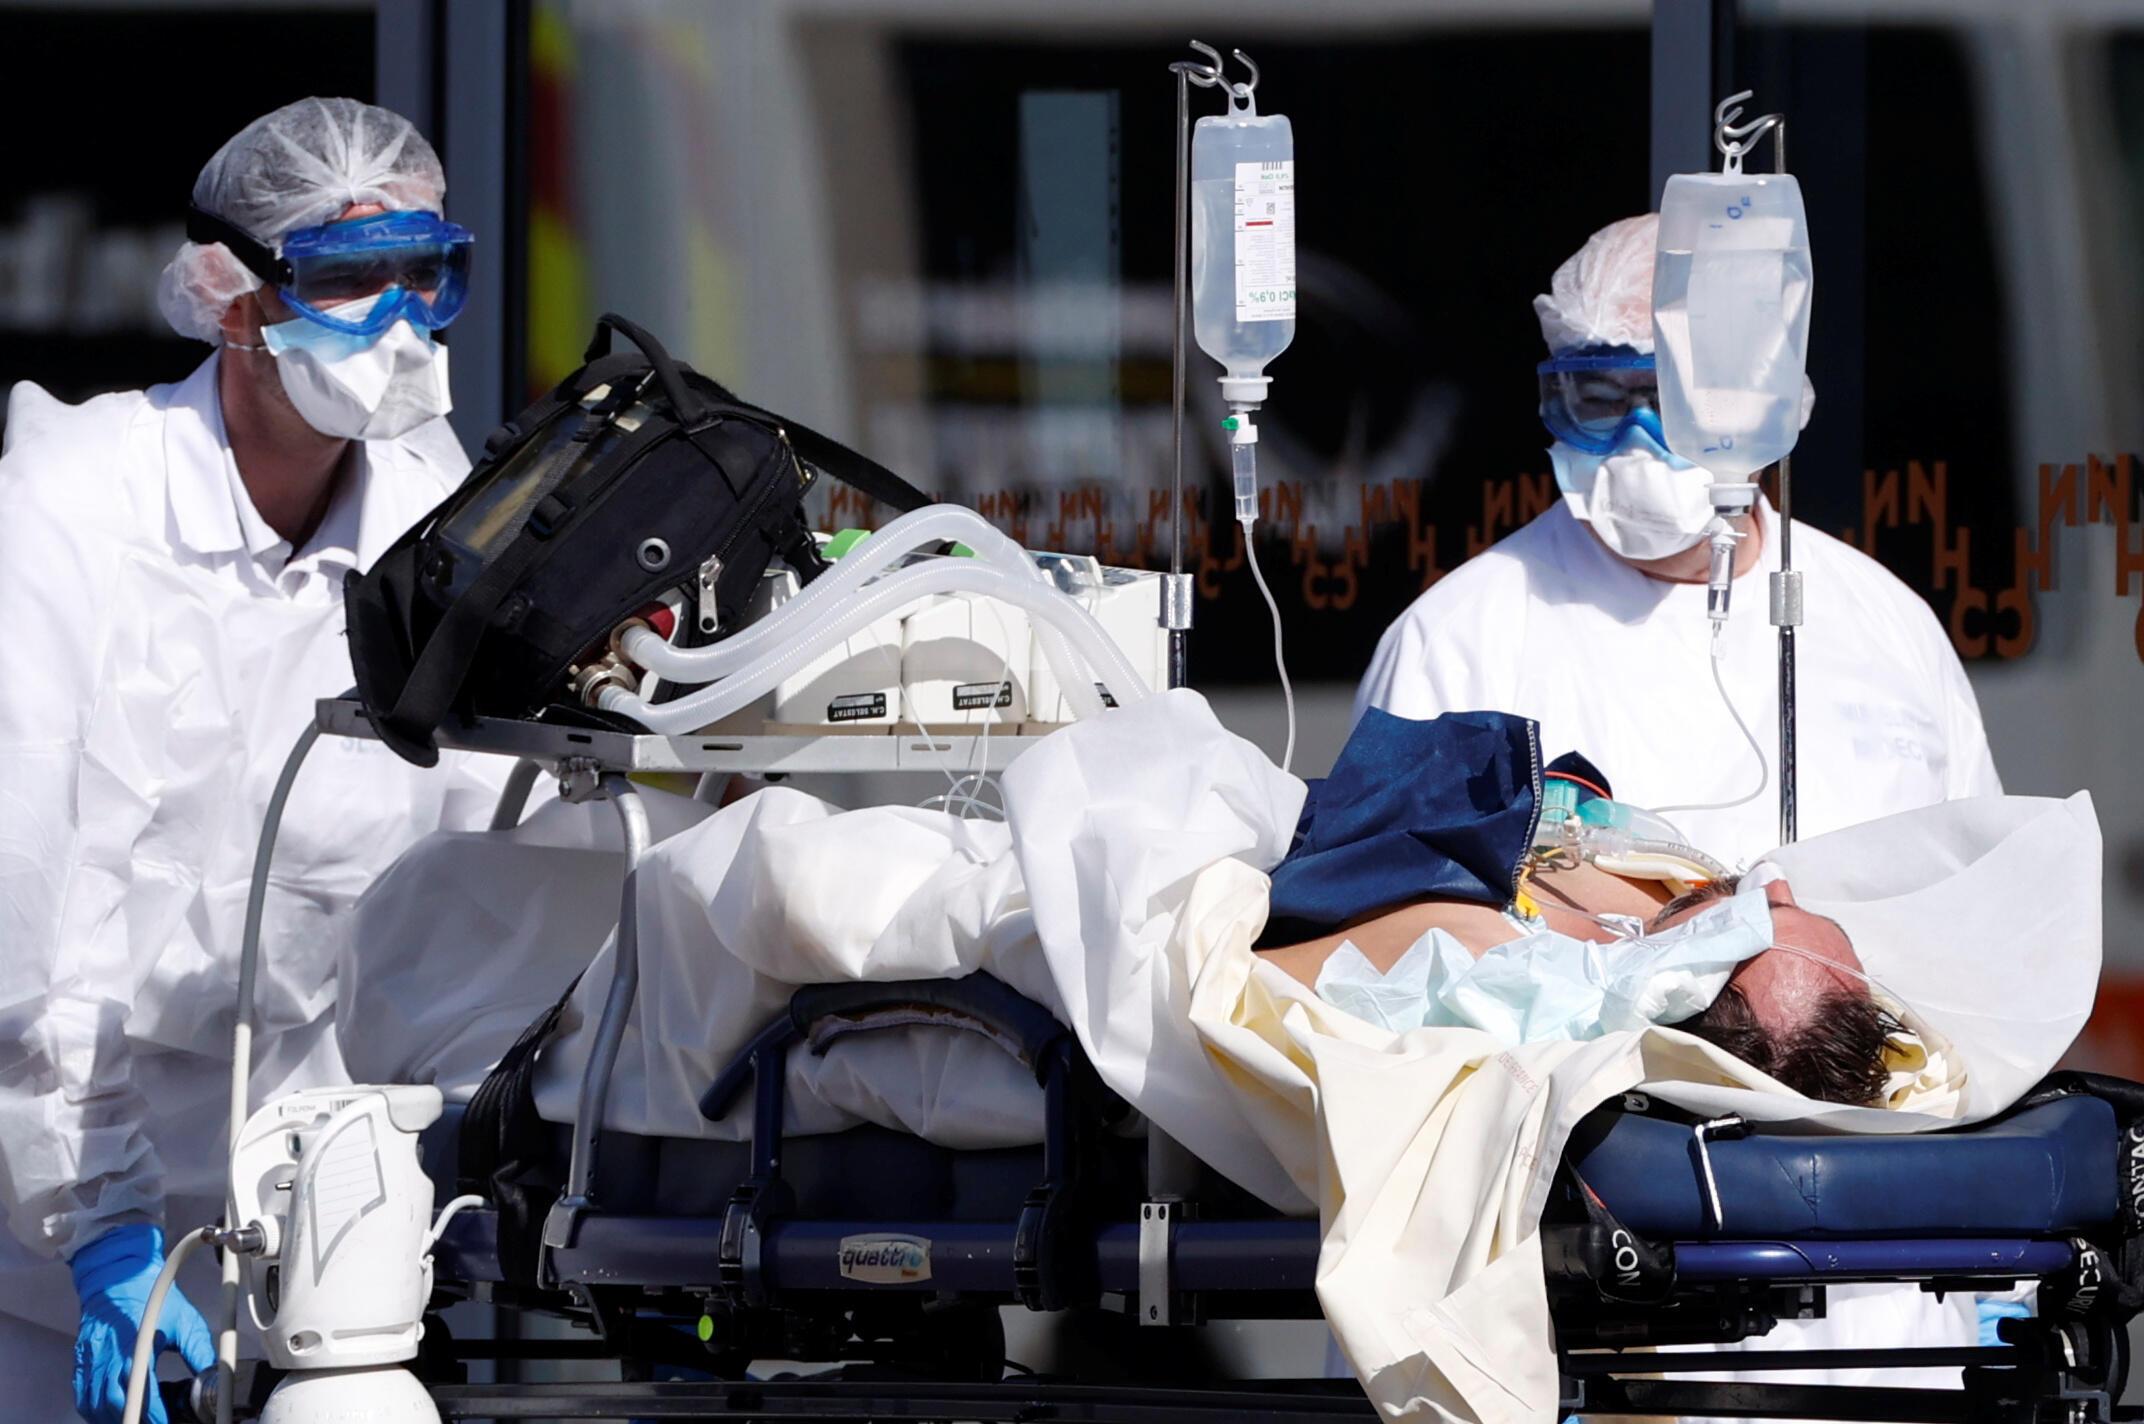 انتقال یک بیمار مبتلا به ویروس کرونا به بیمارستان دانشگاهی شهر استراسبورگ در شرق فرانسه